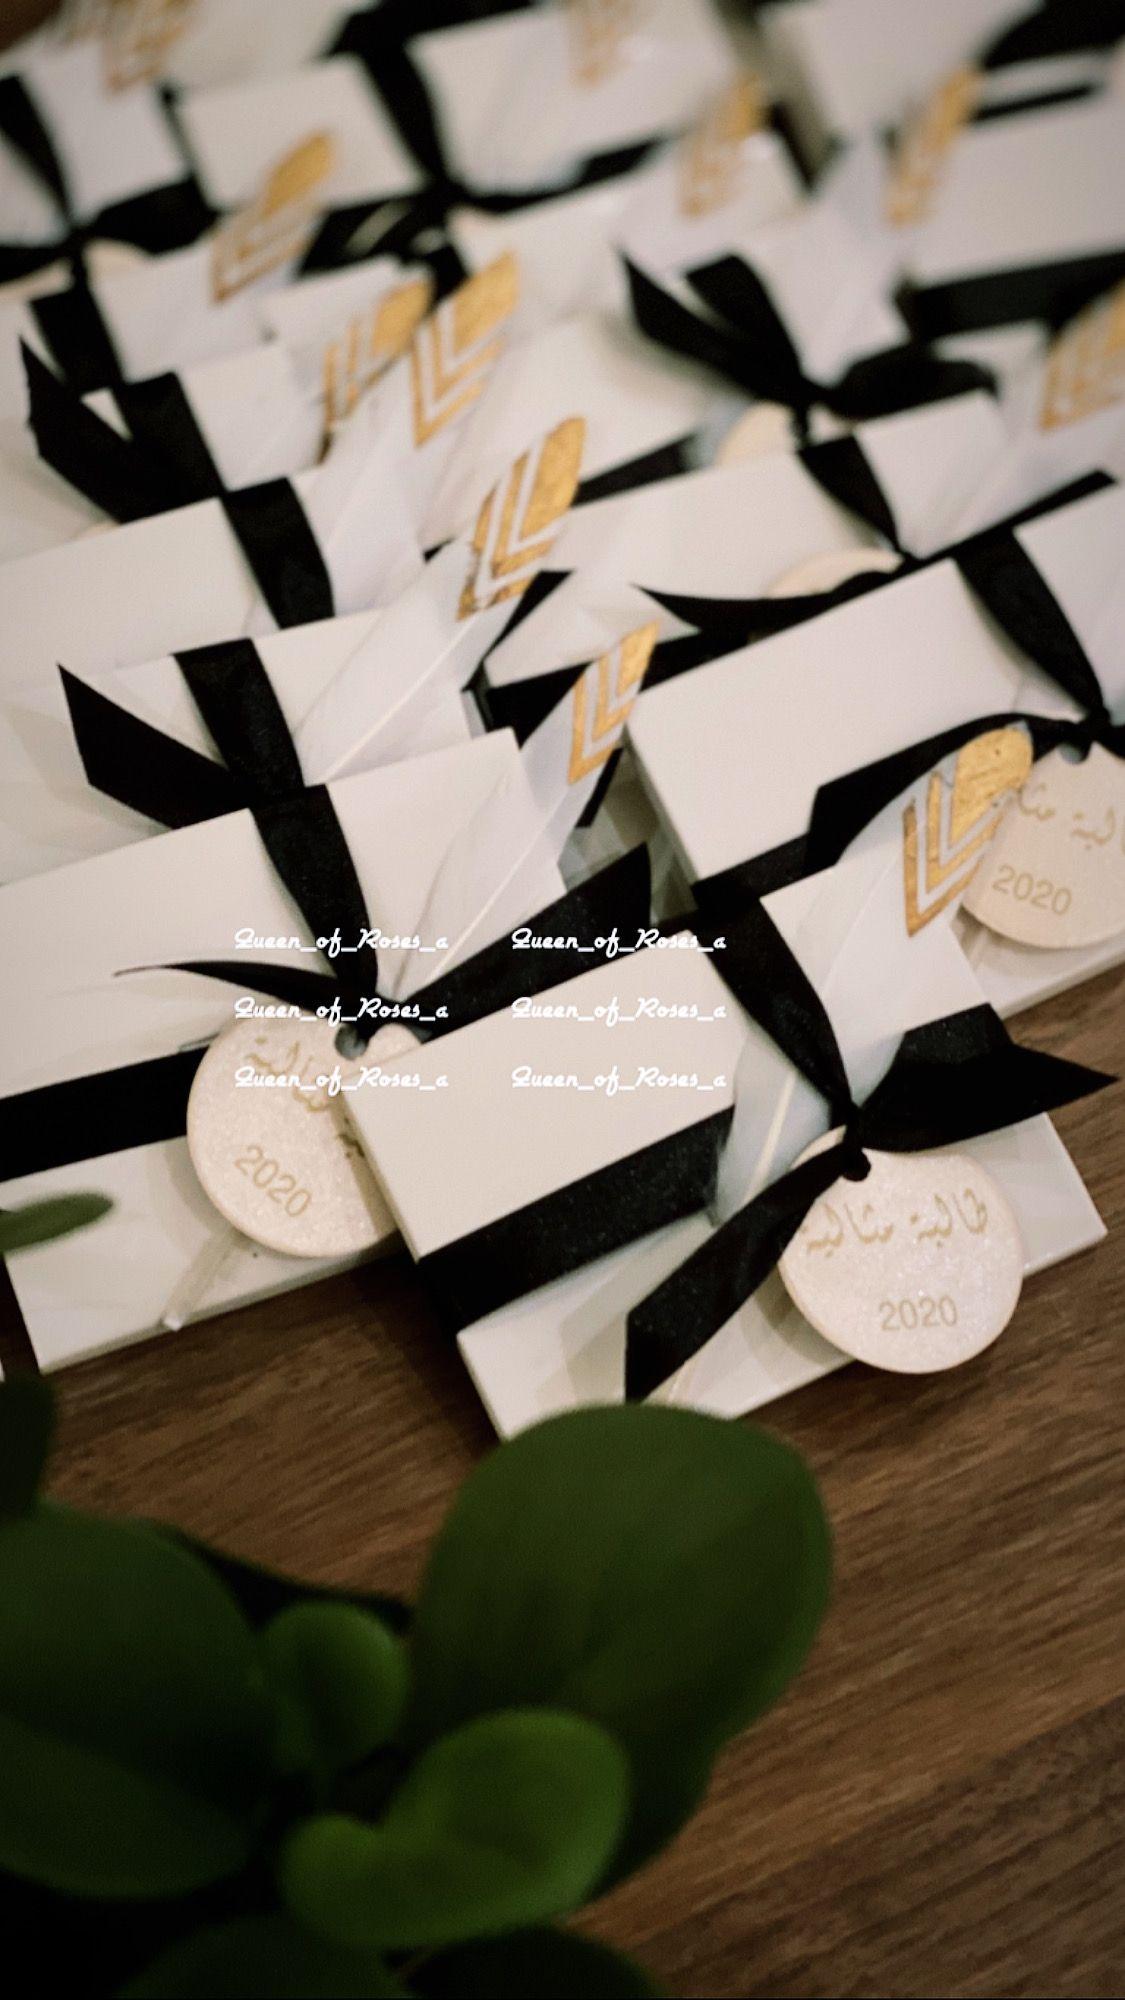 توزيعات تخرج Gifts Gift Wrapping Tableware